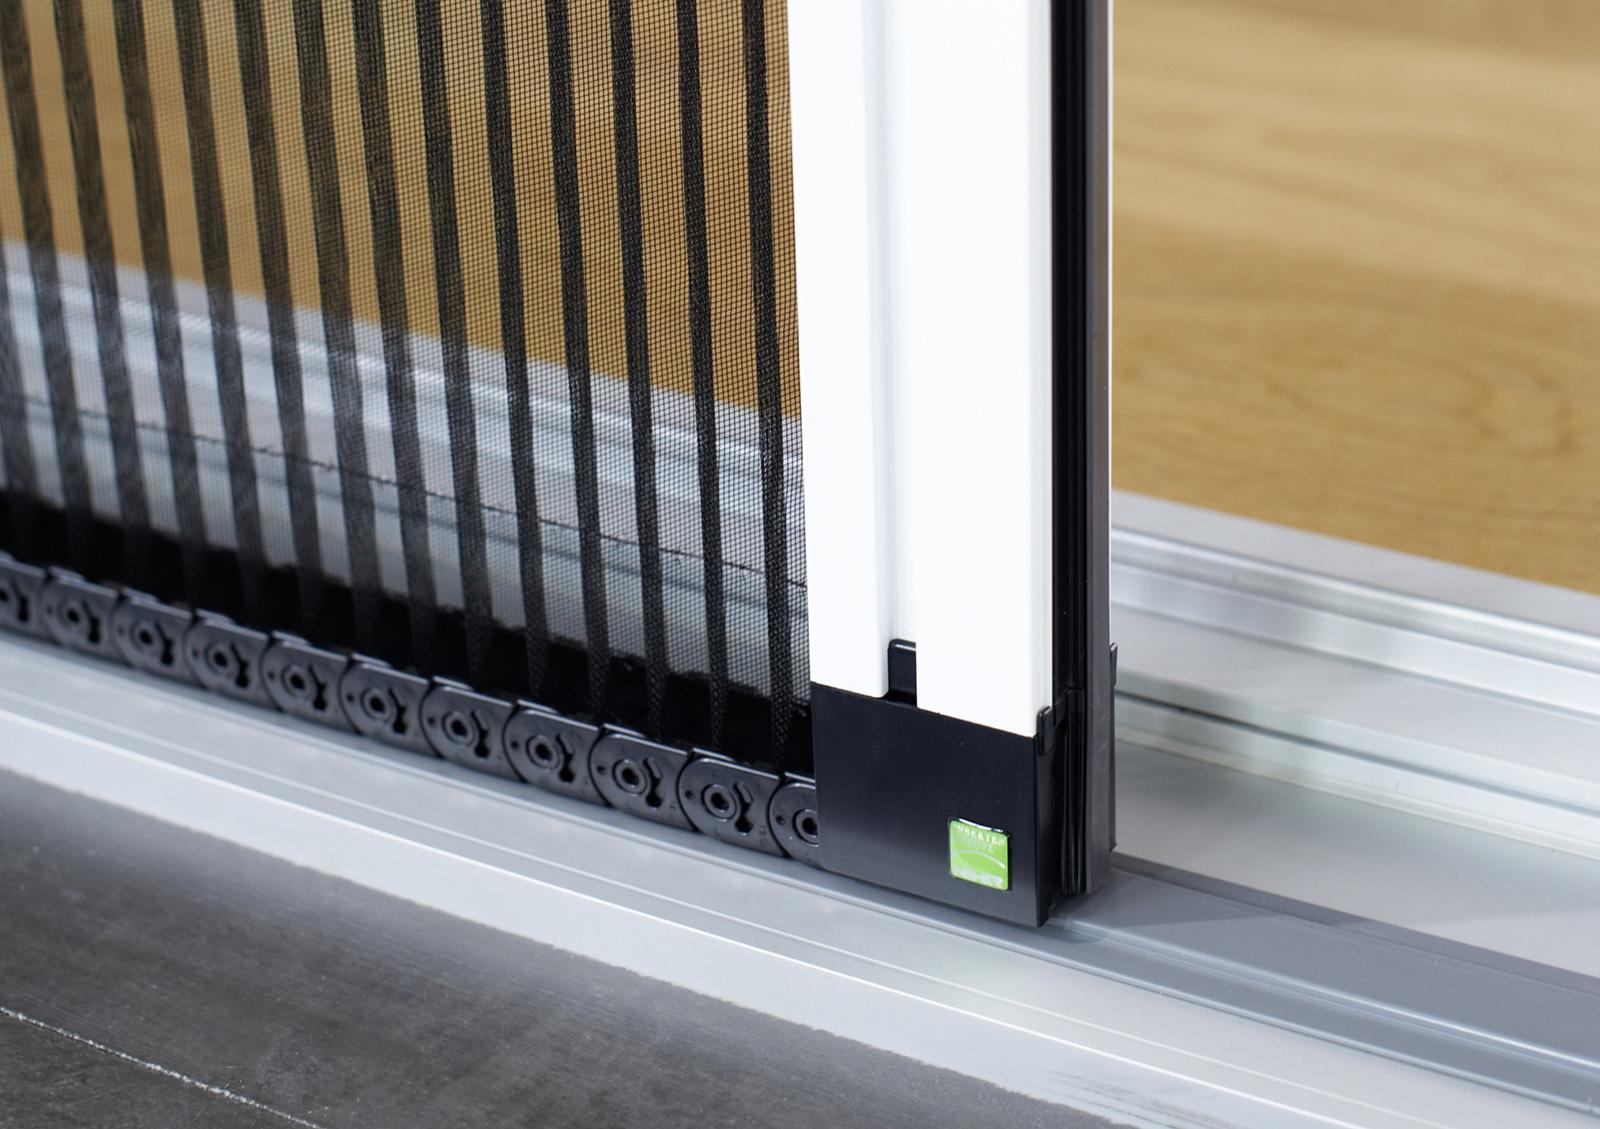 Fenster Scheibling - Züricher Oberland - Insektenschutz - Plissee Türen